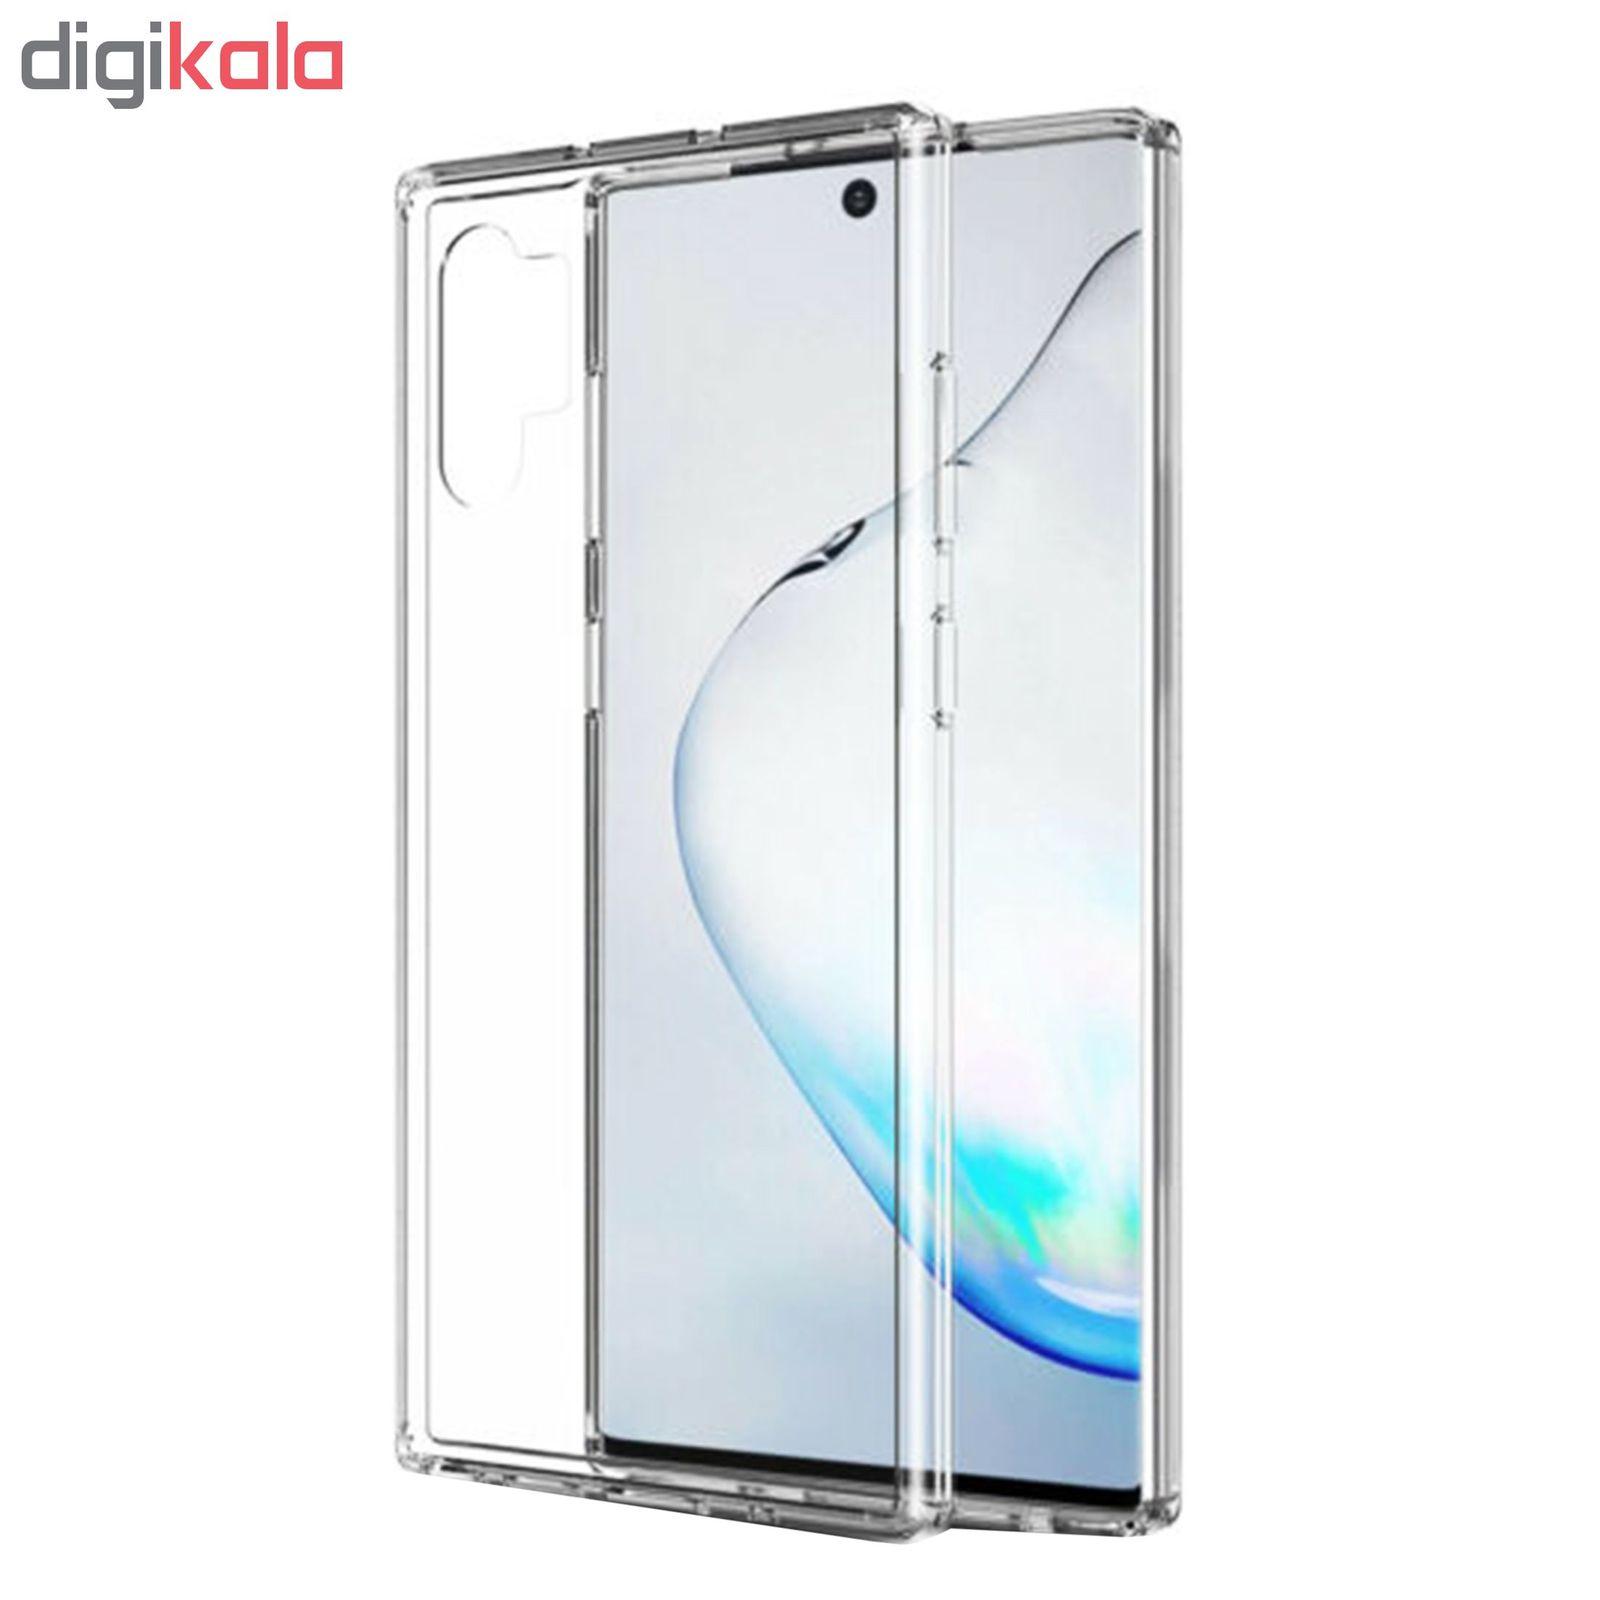 کاور مدل Cl-001 مناسب برای گوشی موبایل سامسونگ  Galaxy Note 10 Plus main 1 1